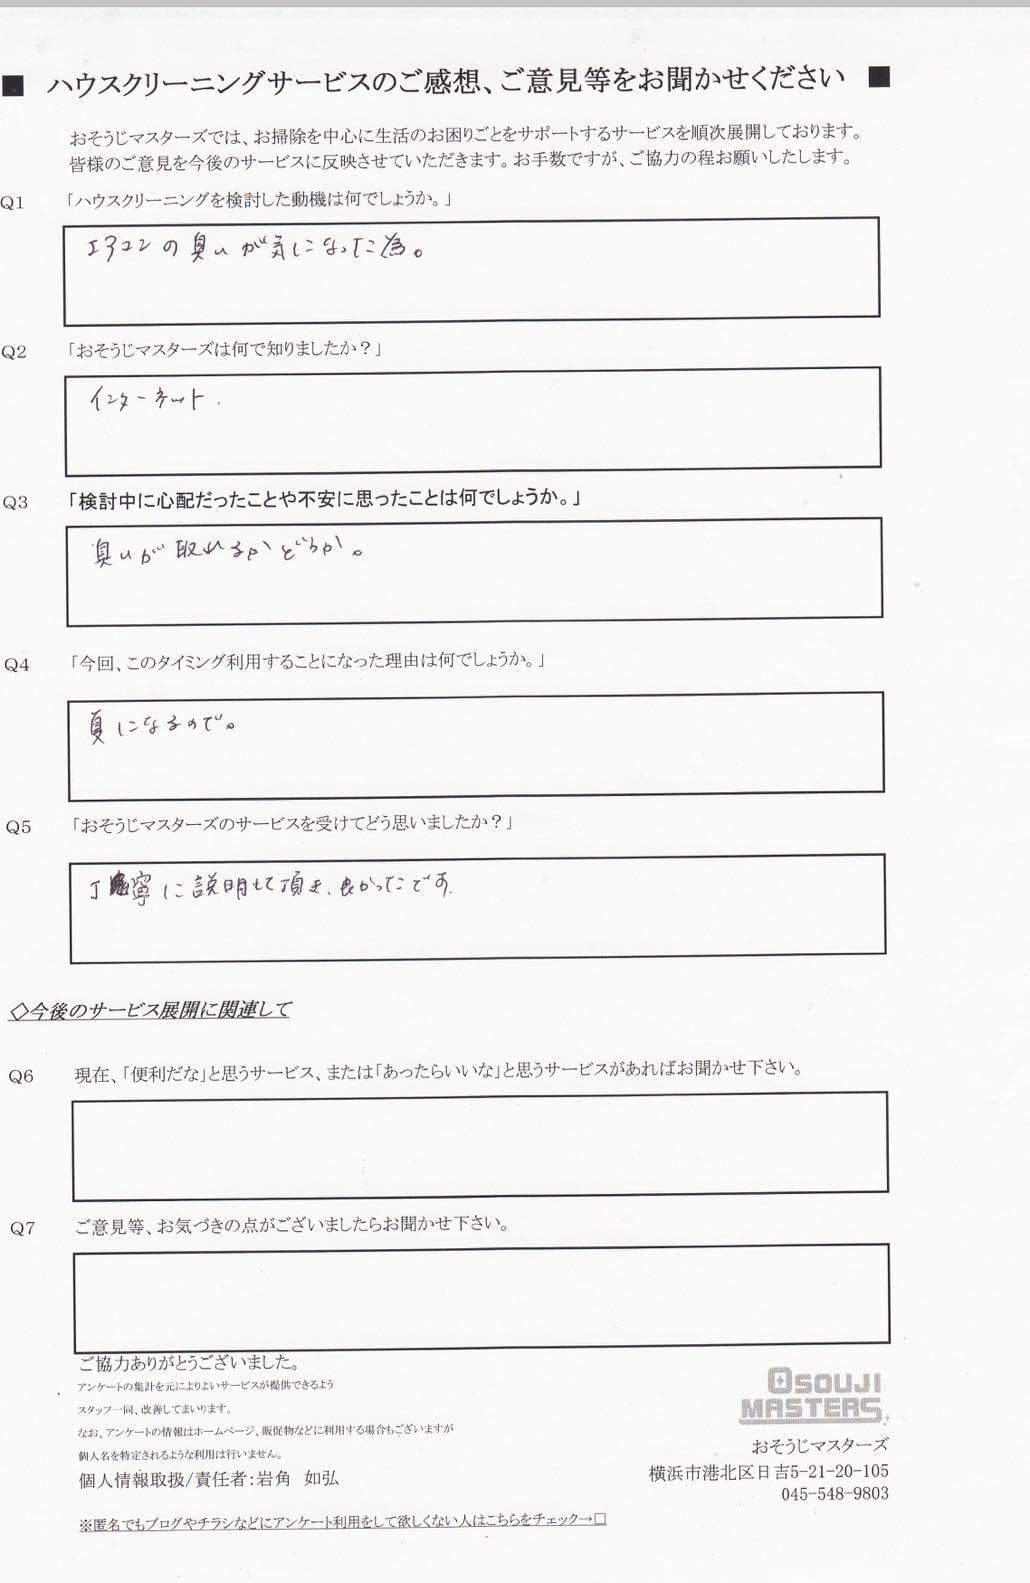 2015/07/24 エアコンクリーニング 横浜市神奈川区